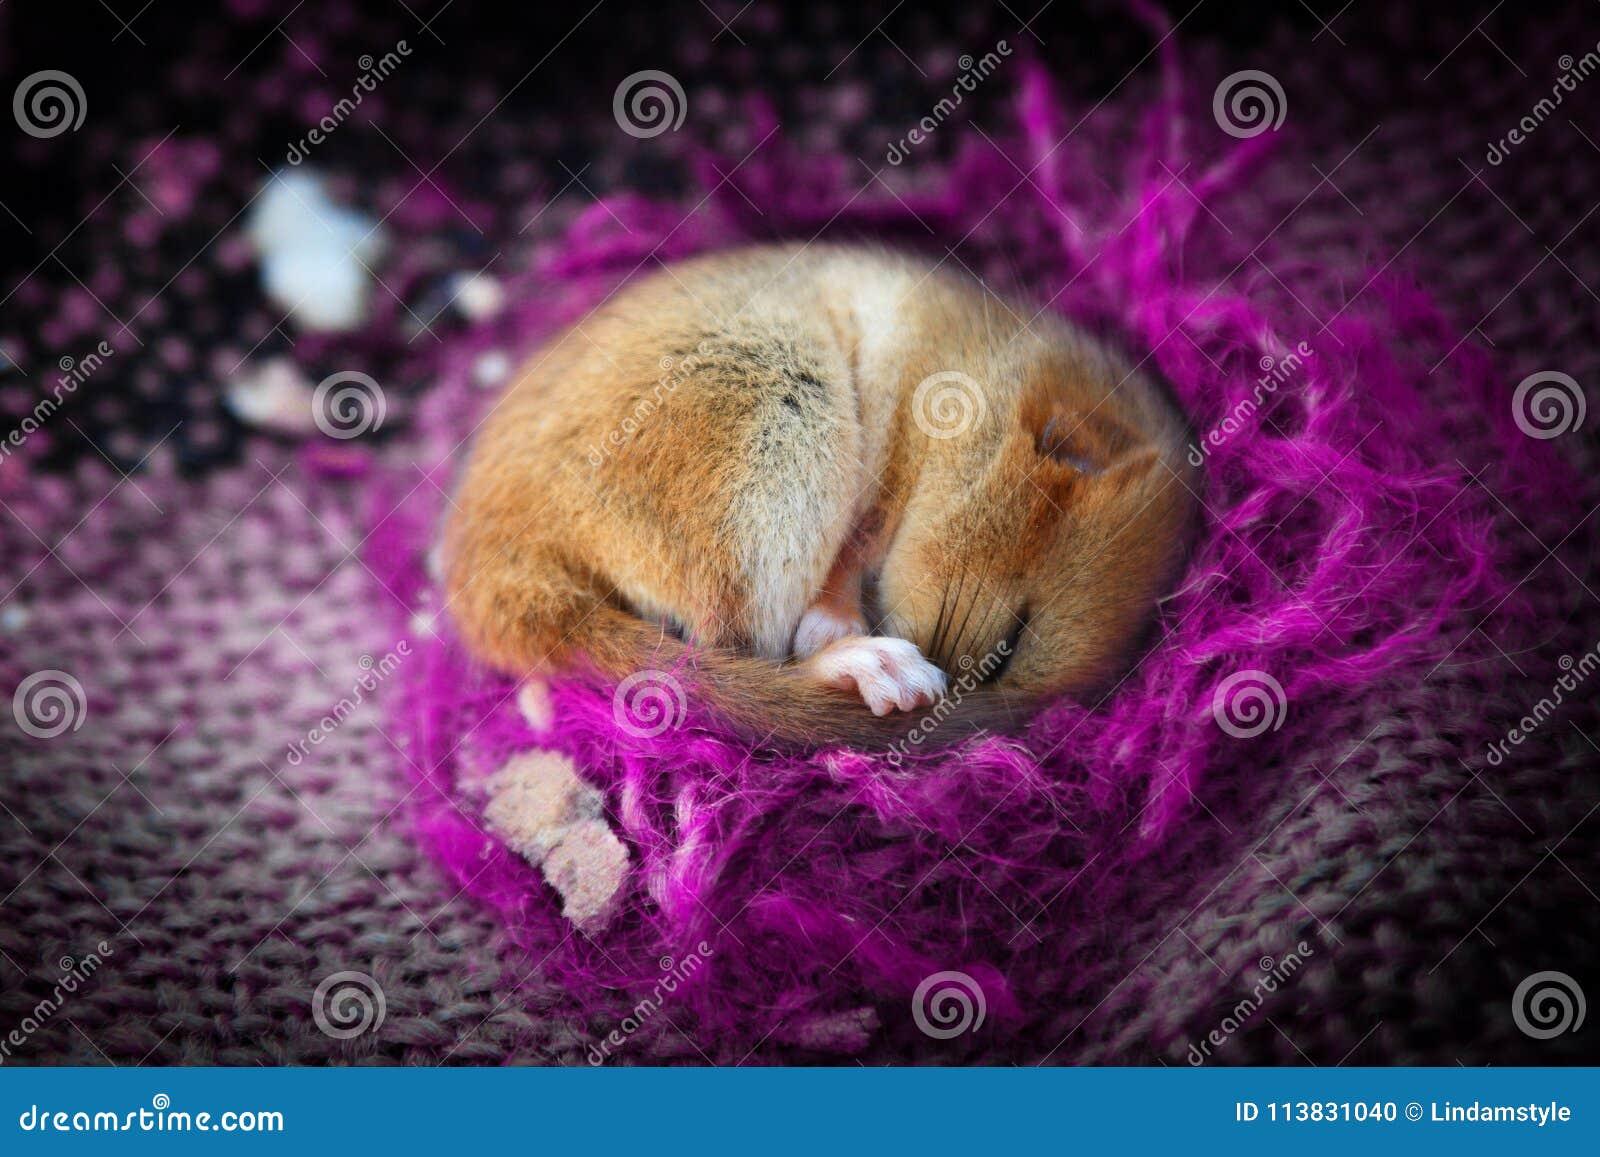 Cute little animal sleeping in violet blanket